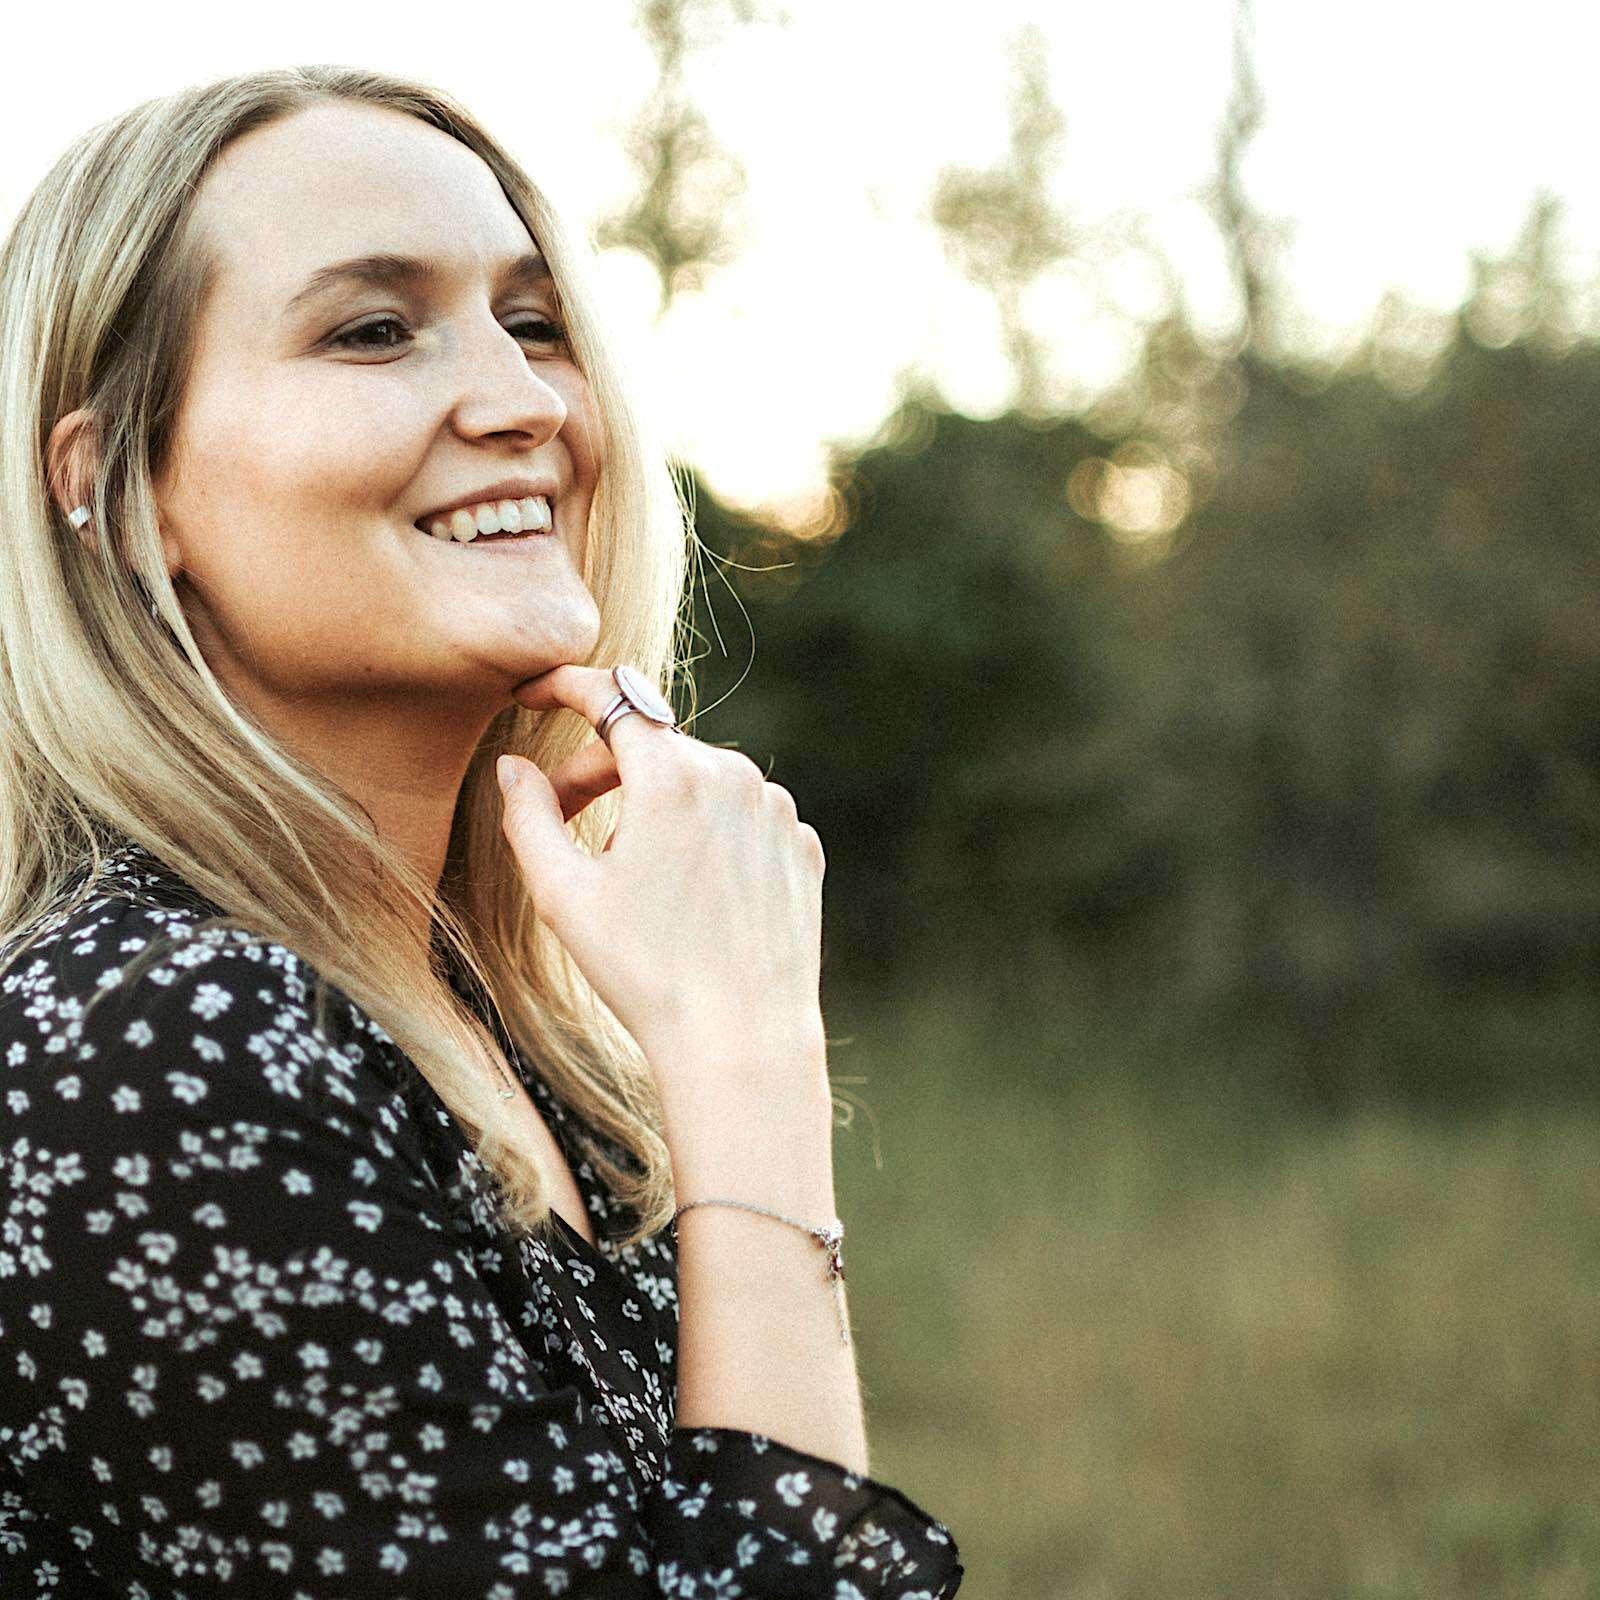 hochzeitssängerin | Hannover | Isabelle | Nagel | Sängerin | Kirchensängerin | Hochzeit | Lieder | Sängerin | Trauung | Sängerin | Trauung | Sängerin | Kirche | Preise | Buchen | Mieten | Lehmann | Eventservice